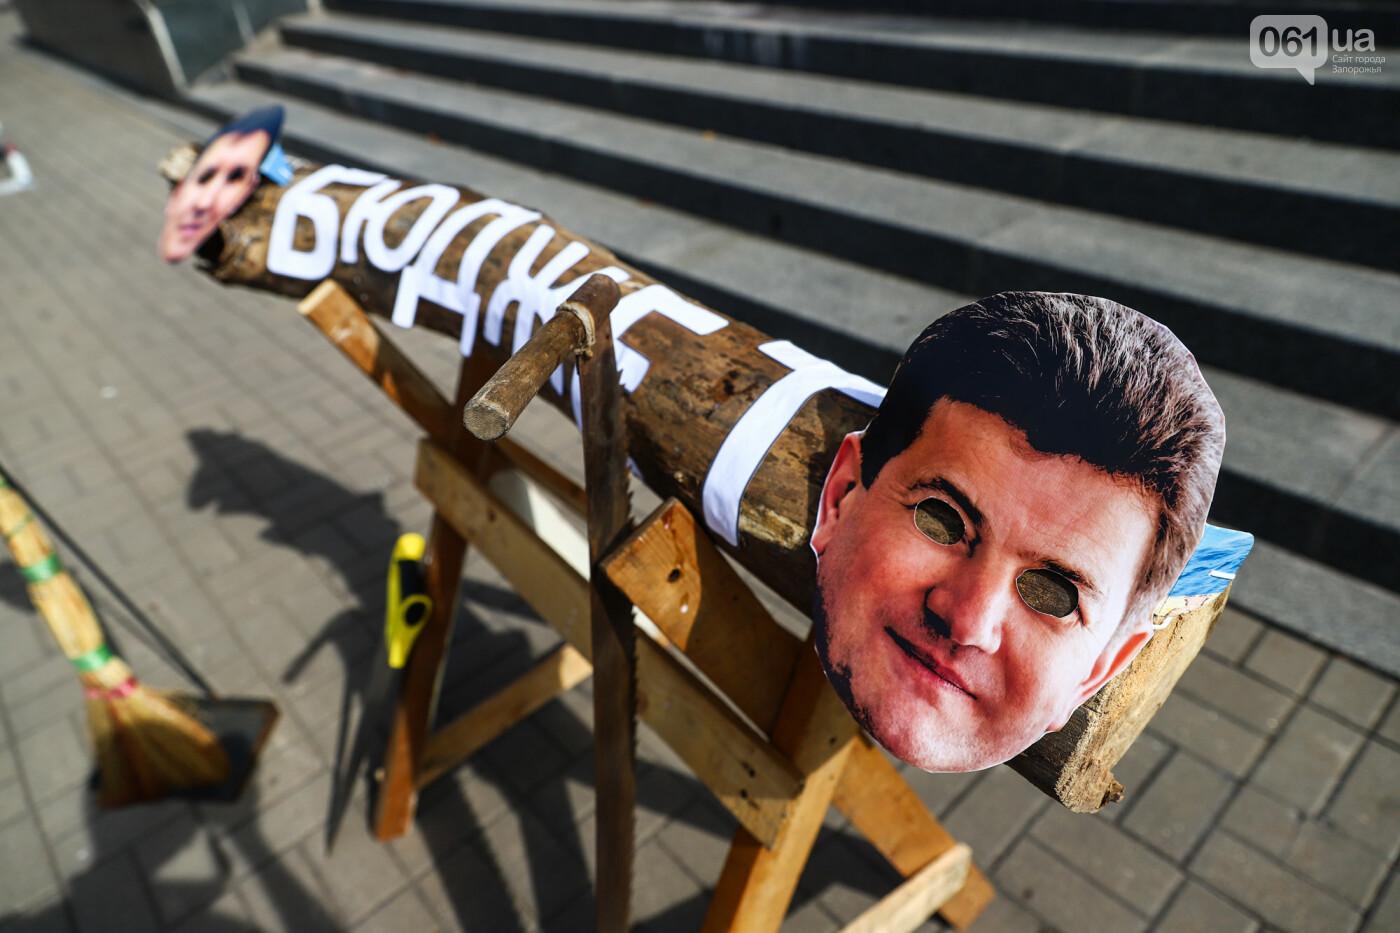 С пилами и в масках: в Запорожье возле мэрии активисты показали, как распиливают городской бюджет, - ФОТОРЕПОРТАЖ, фото-5